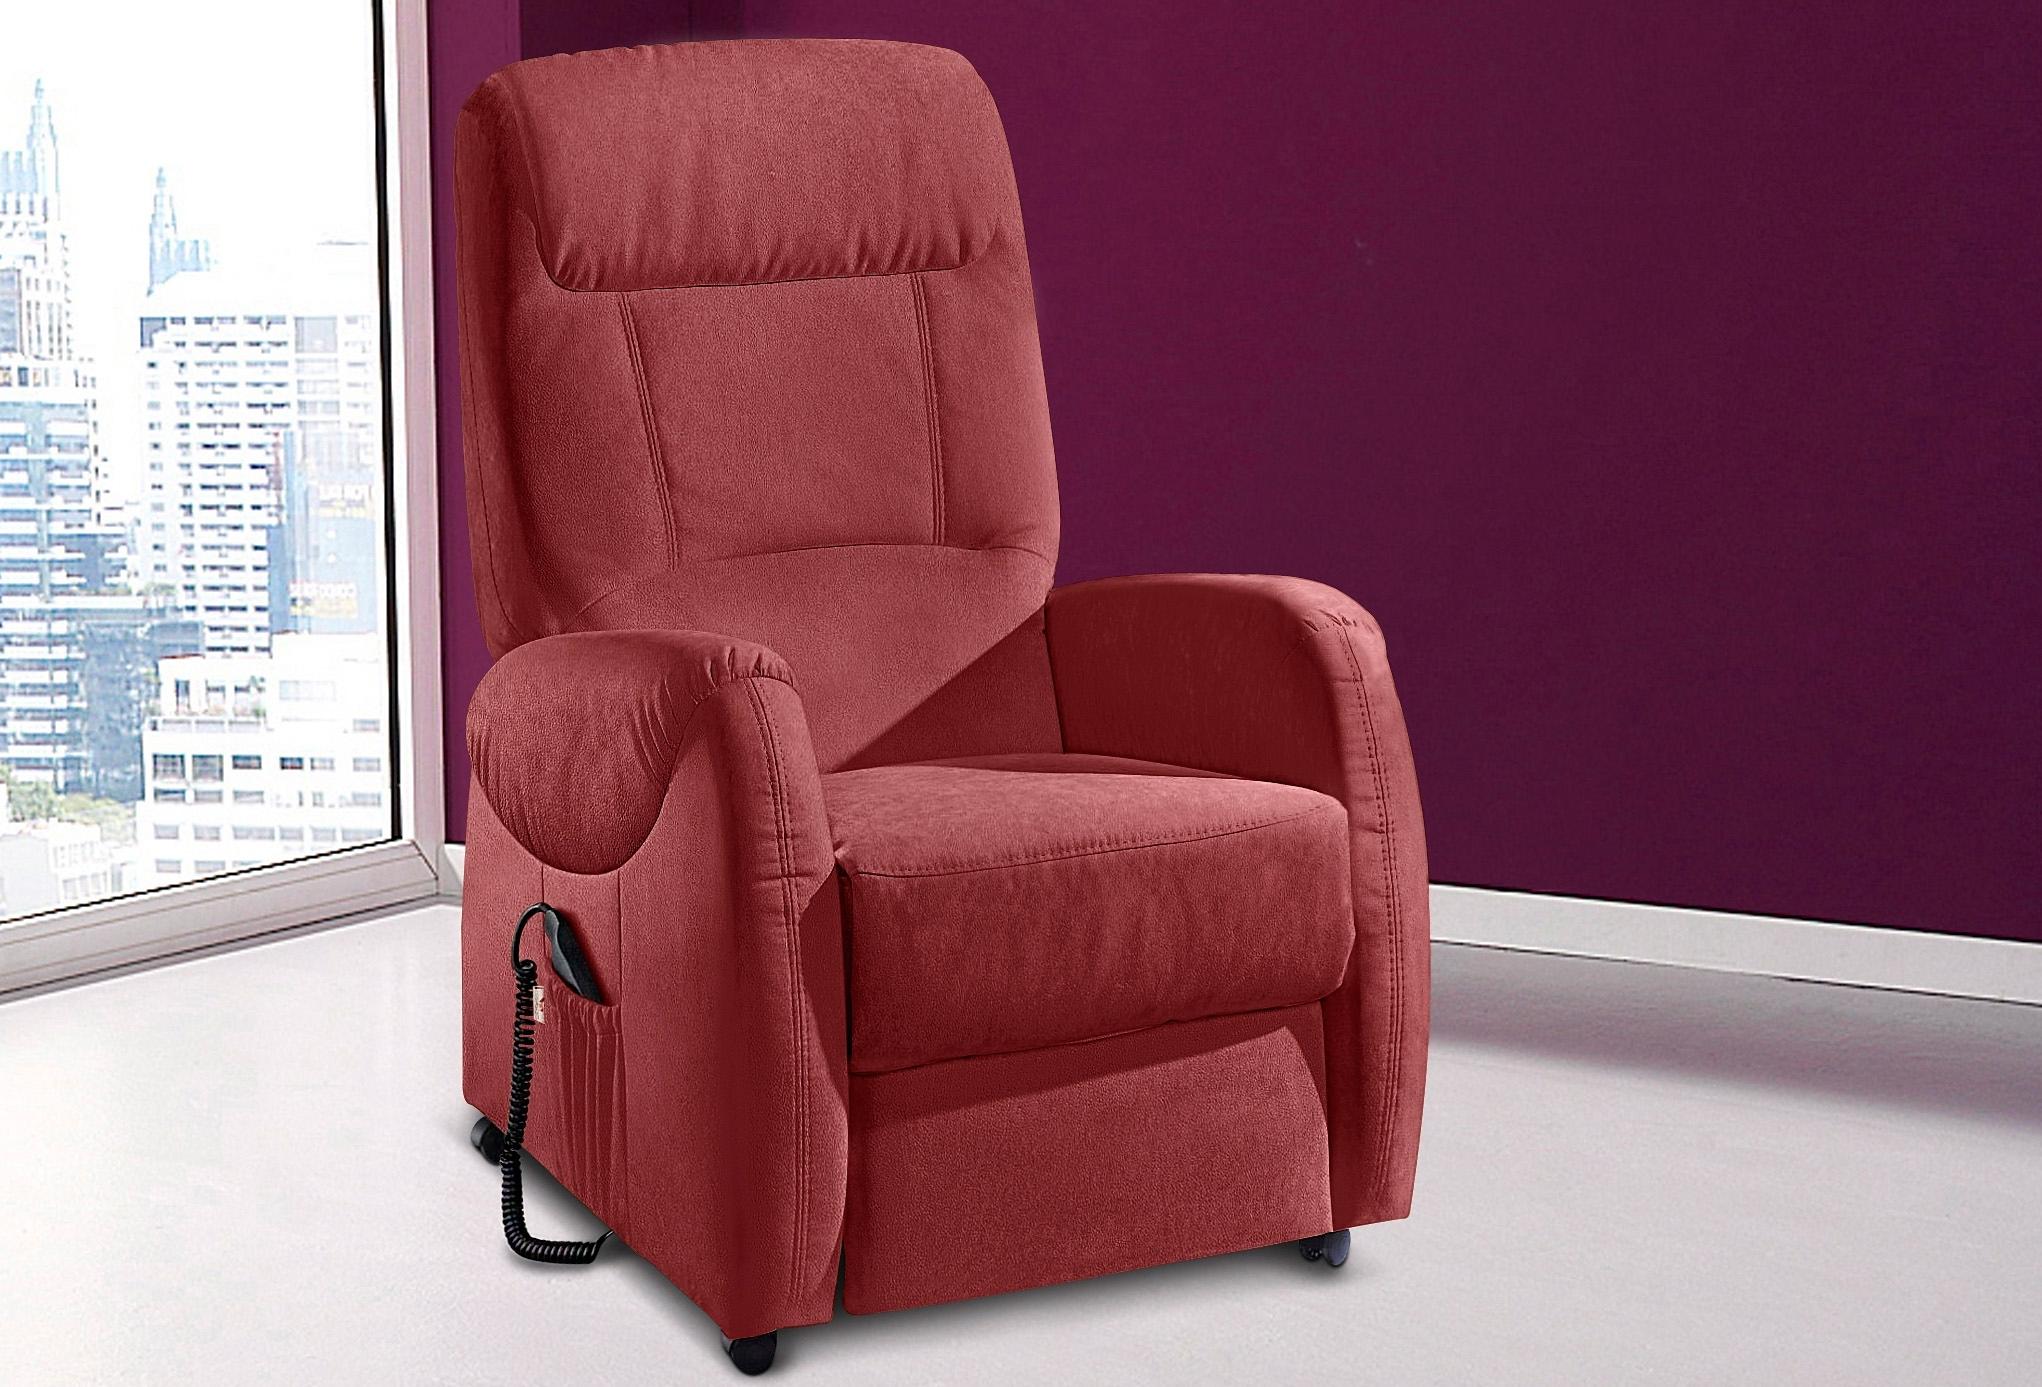 Sit&more TV-fauteuil, Novasit voordelig en veilig online kopen